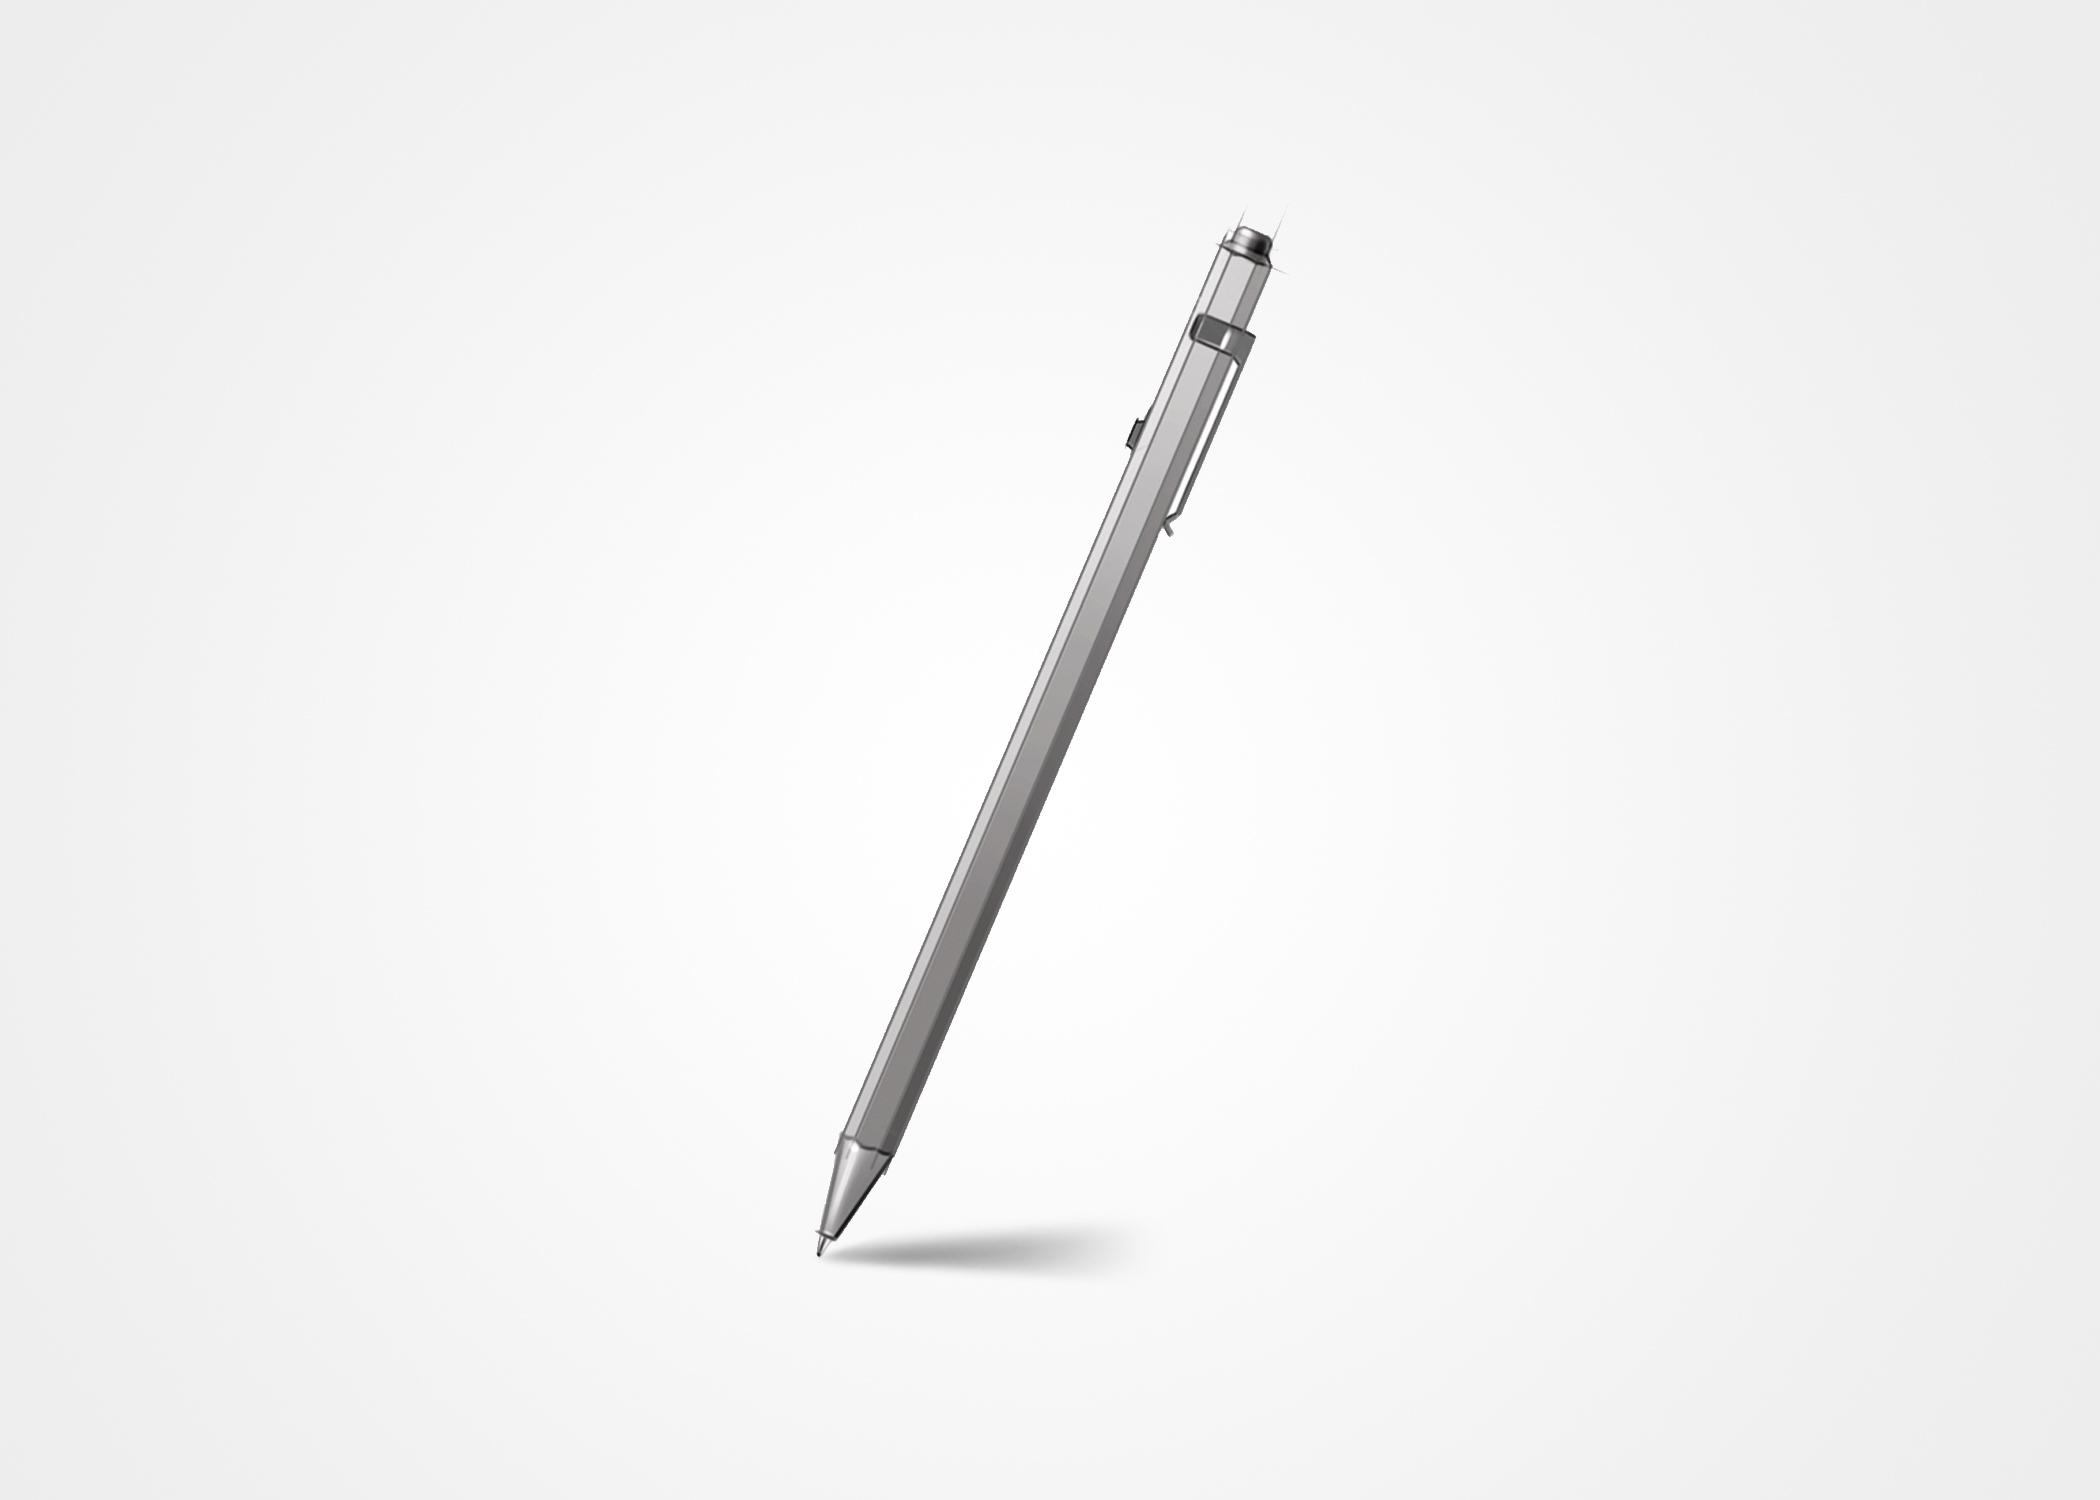 New ballpoint pen design for Monami